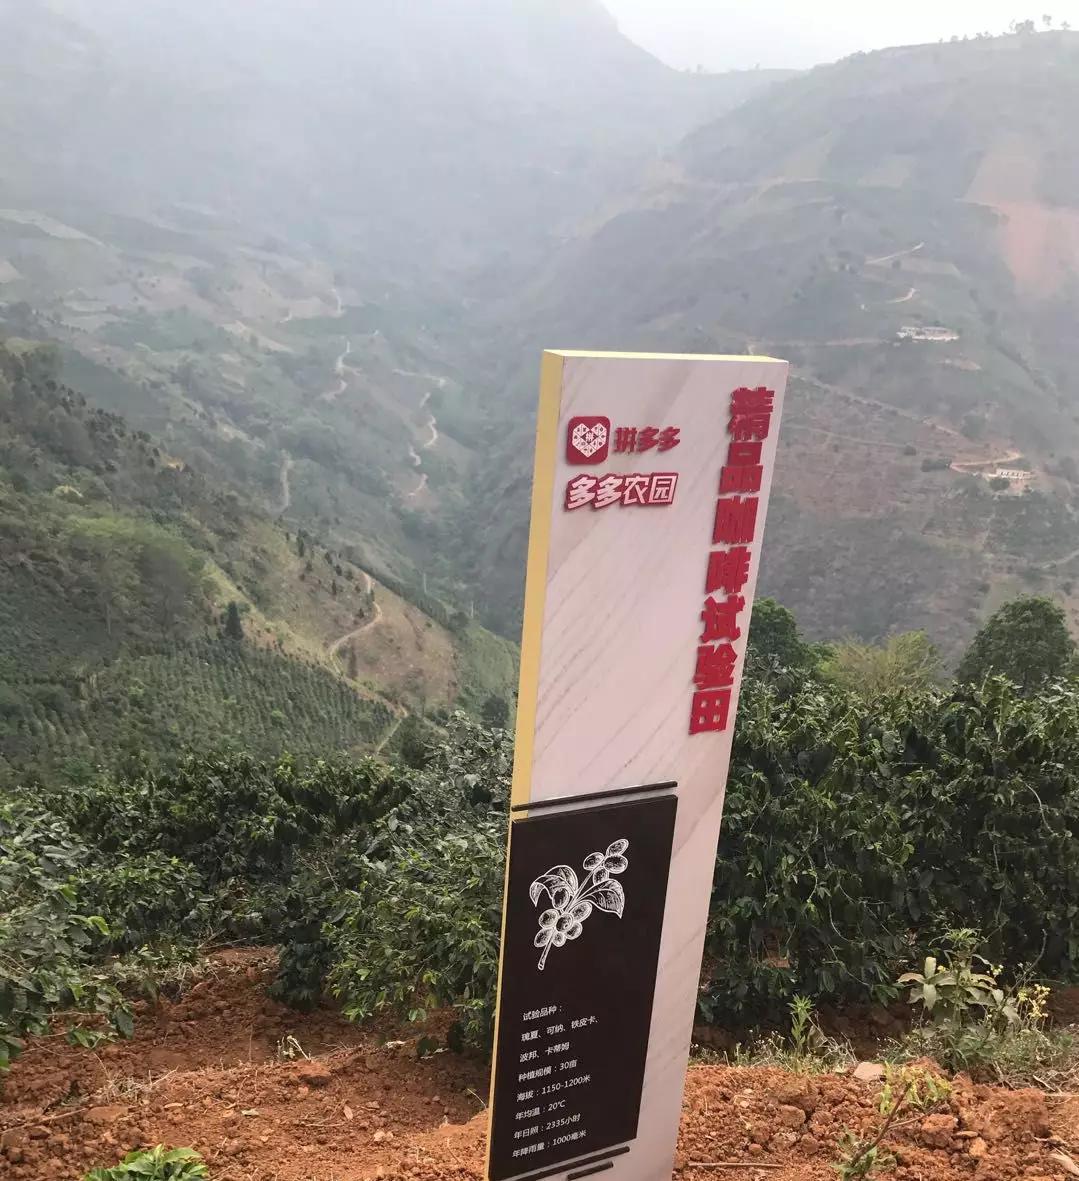 连星巴克都在用的云南咖啡豆,为何农户不赚钱?